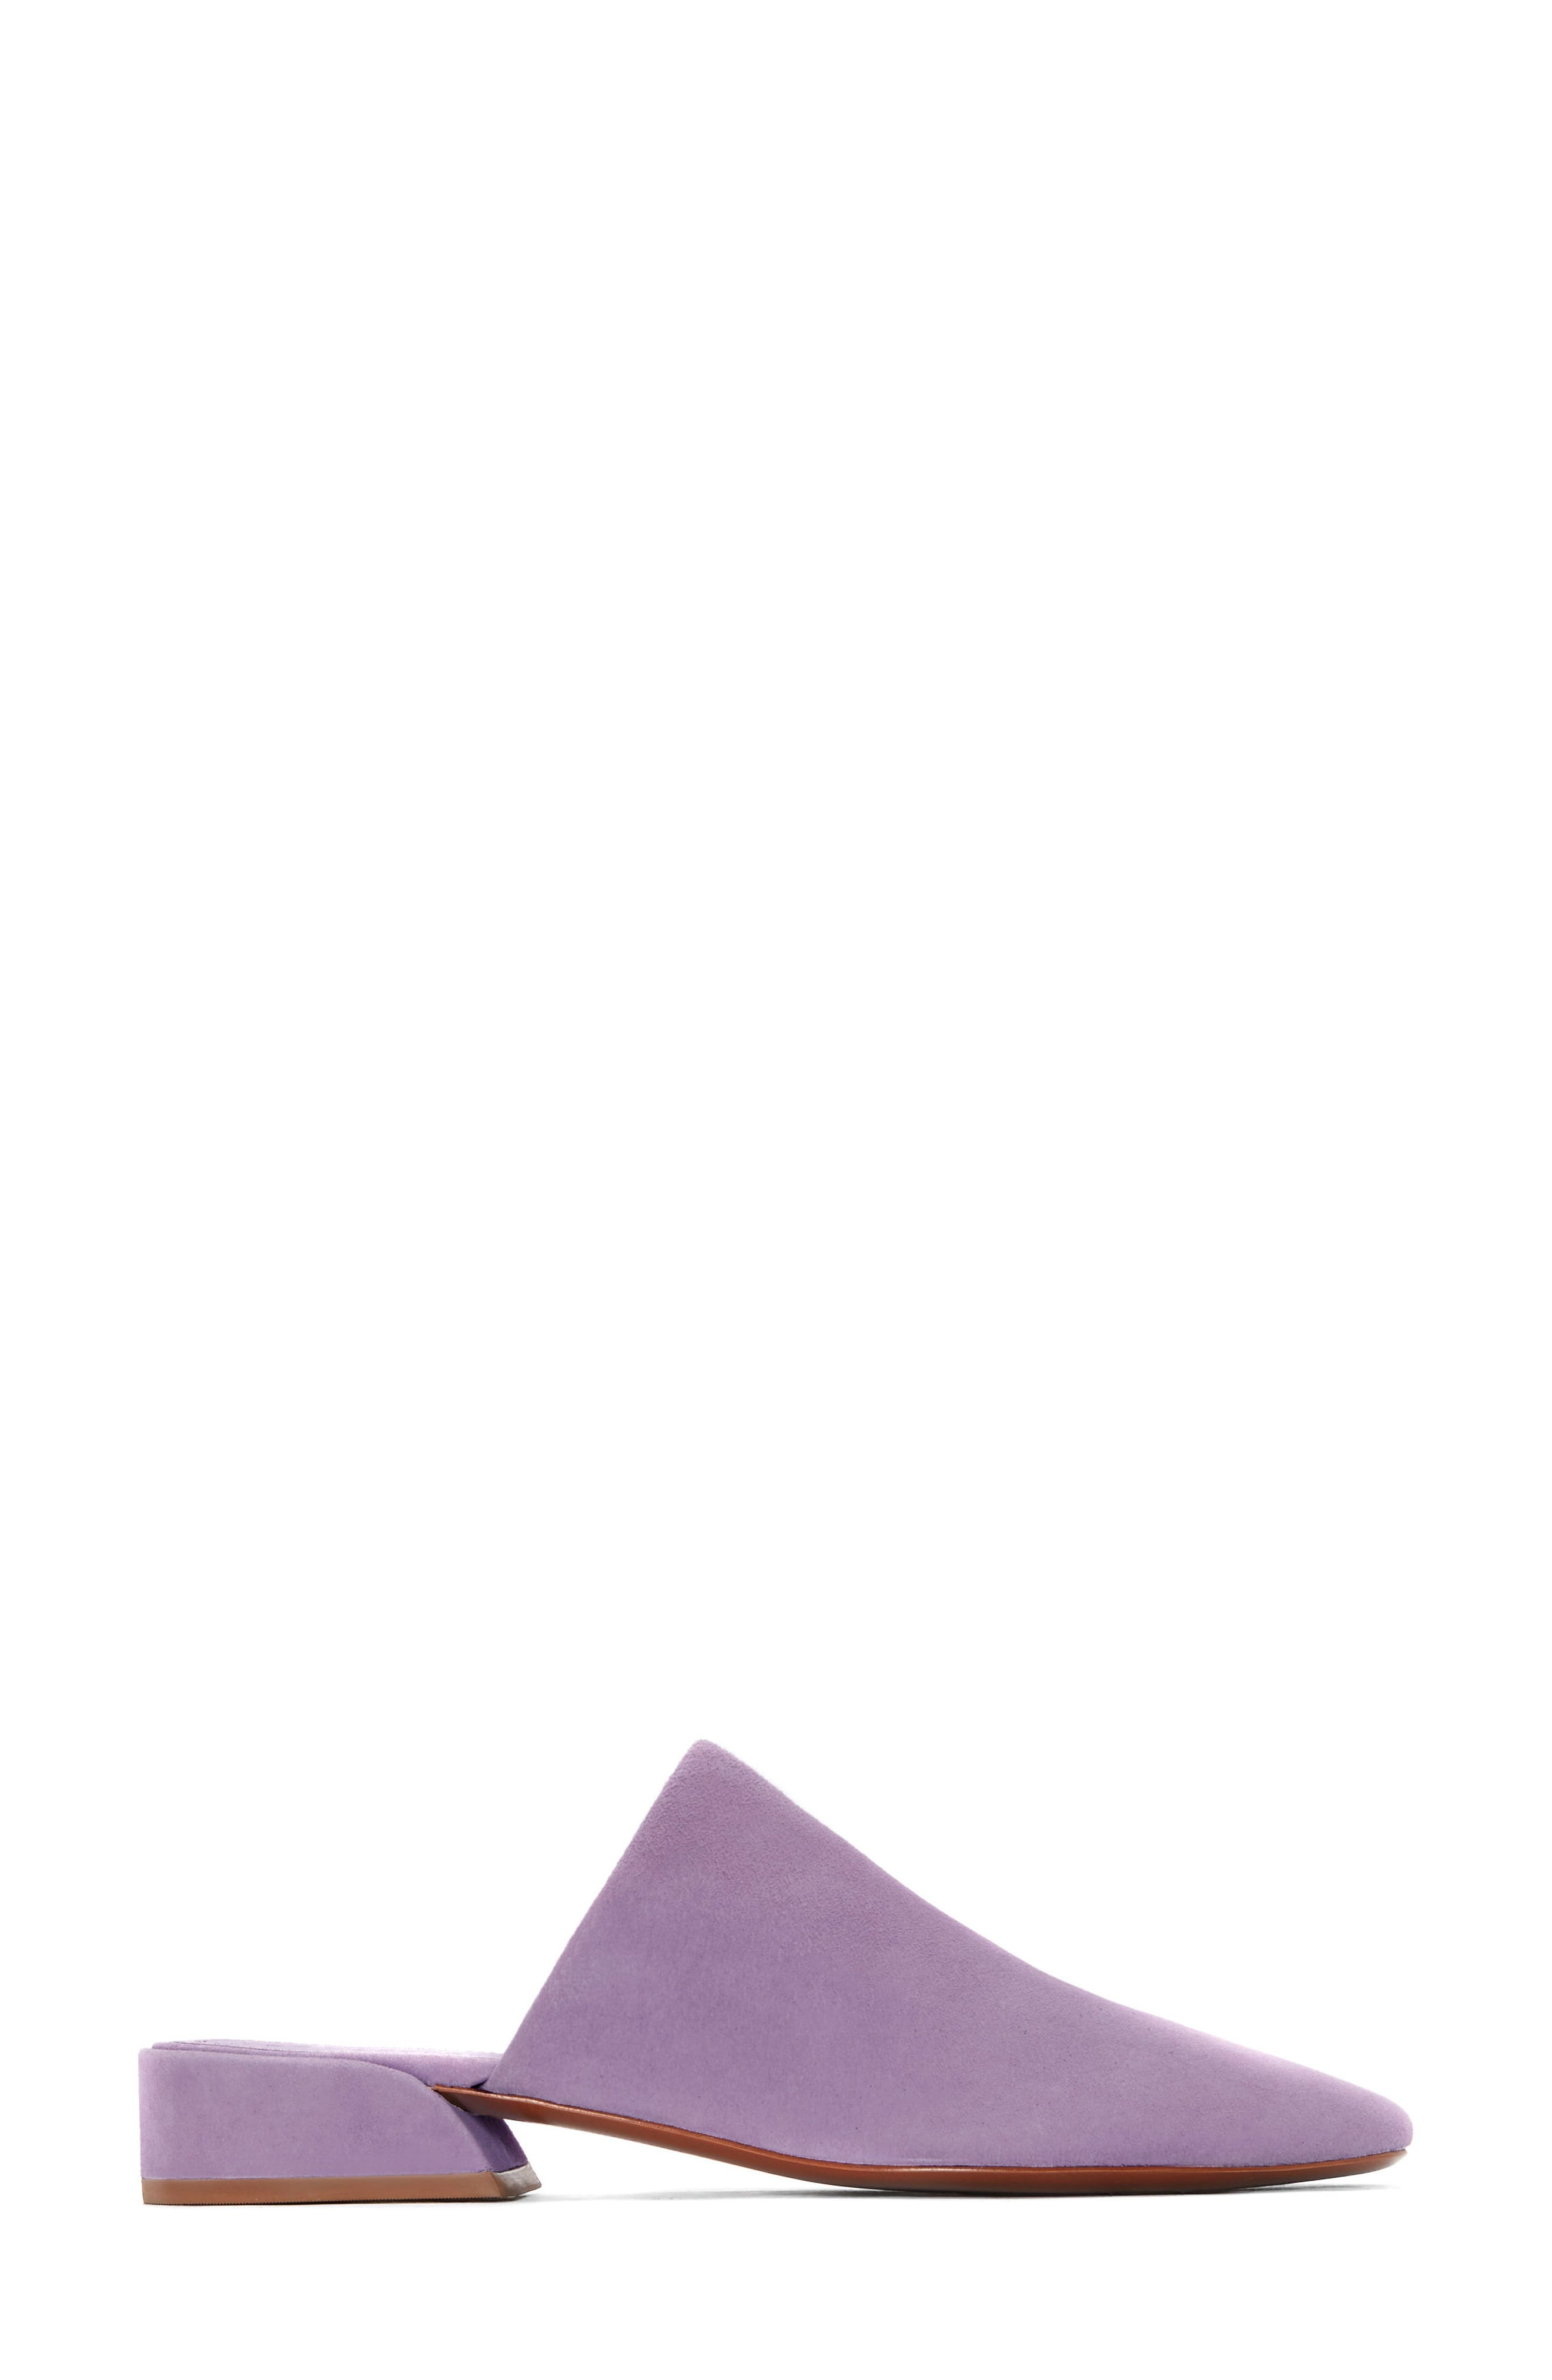 Zaira Mule,                             Alternate thumbnail 2, color,                             Lavender Suede